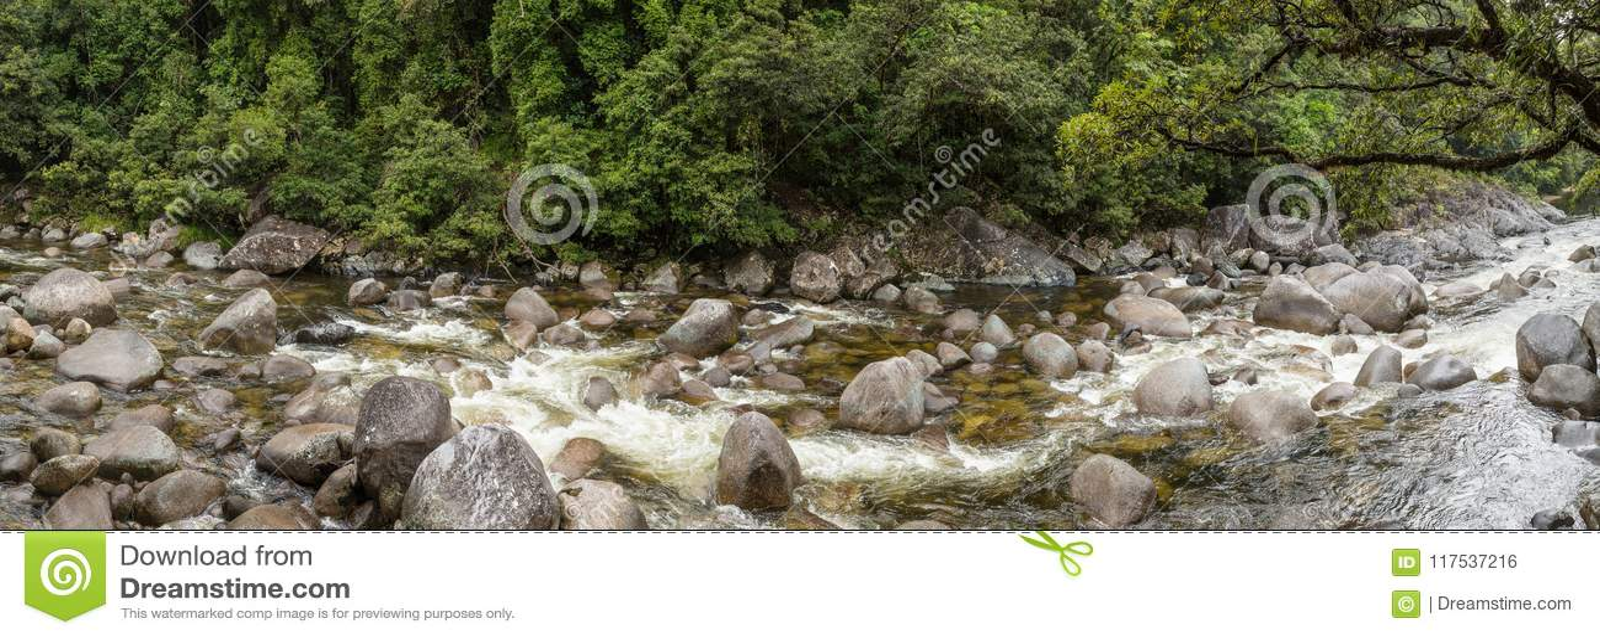 Ущелье n Mossman тропический лес Daintree, Квинсленд Австралия